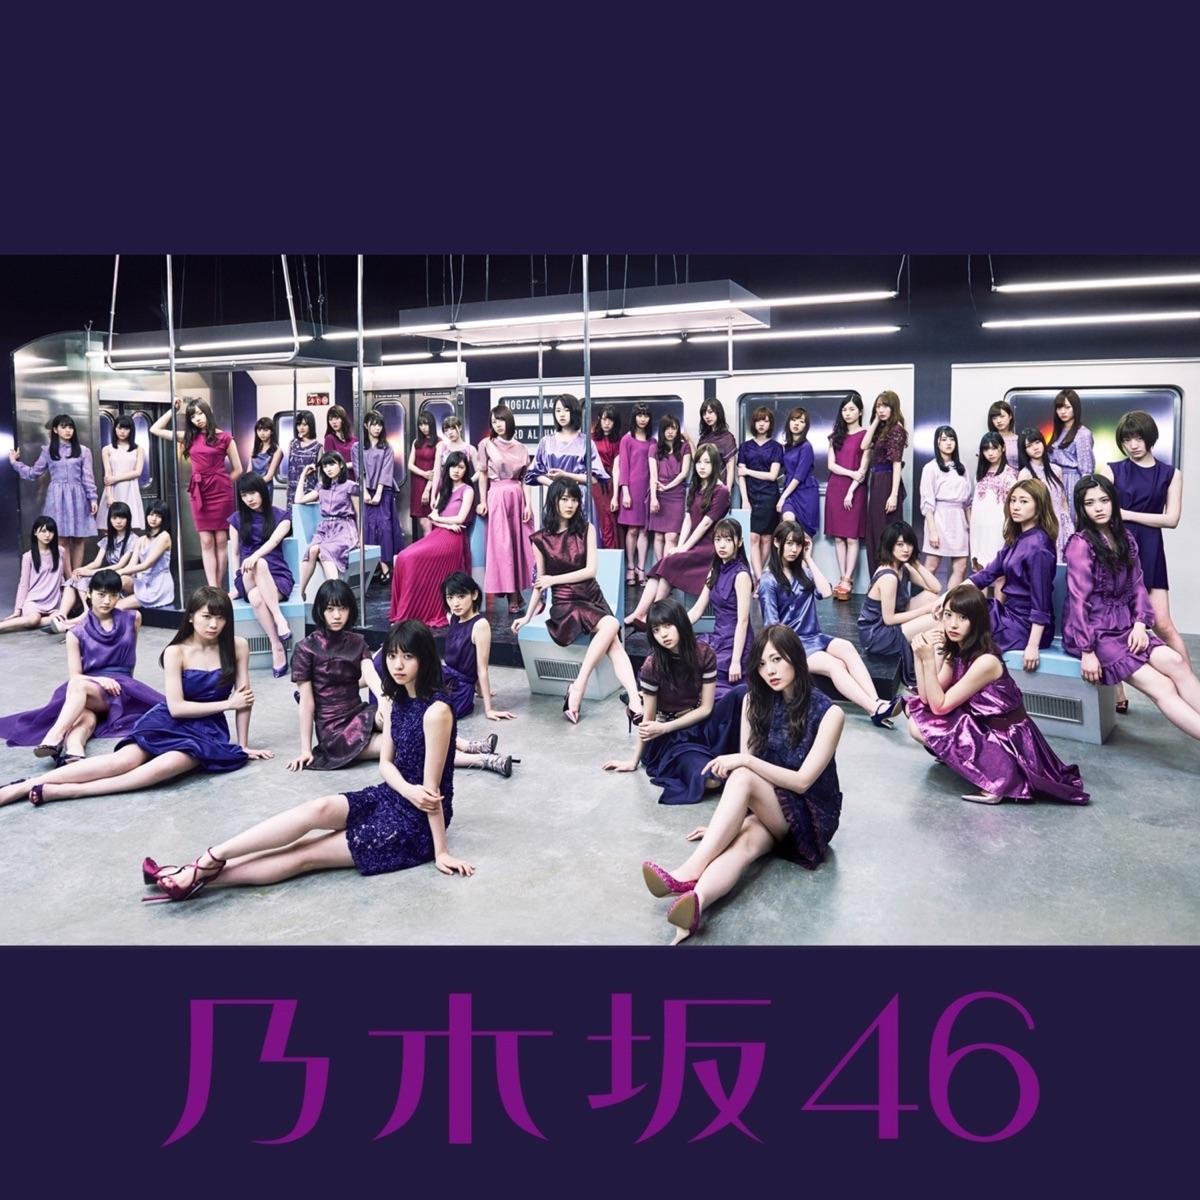 『乃木坂46 - 思い出ファースト』収録の『生まれてから初めて見た夢』ジャケット